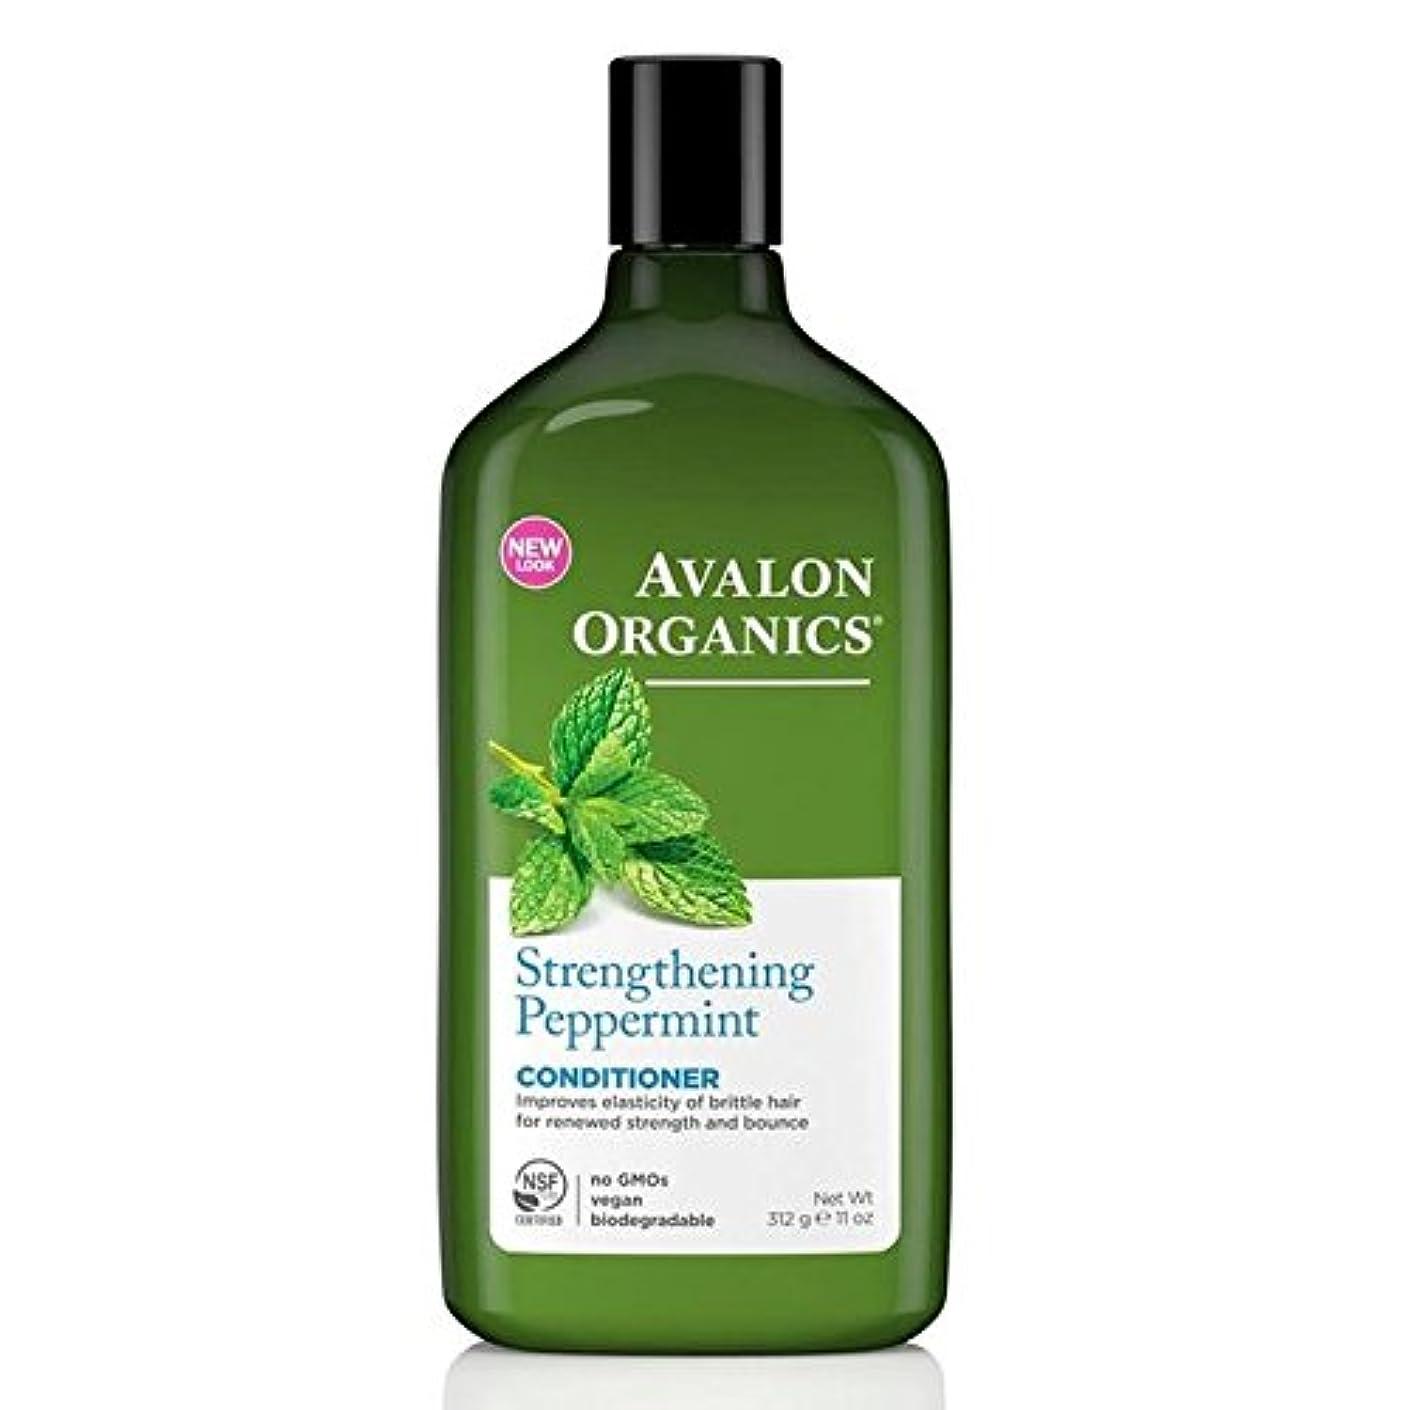 違反速報衣服Avalon Organics Peppermint Conditioner 325ml - (Avalon) ペパーミントコンディショナー325ミリリットル [並行輸入品]